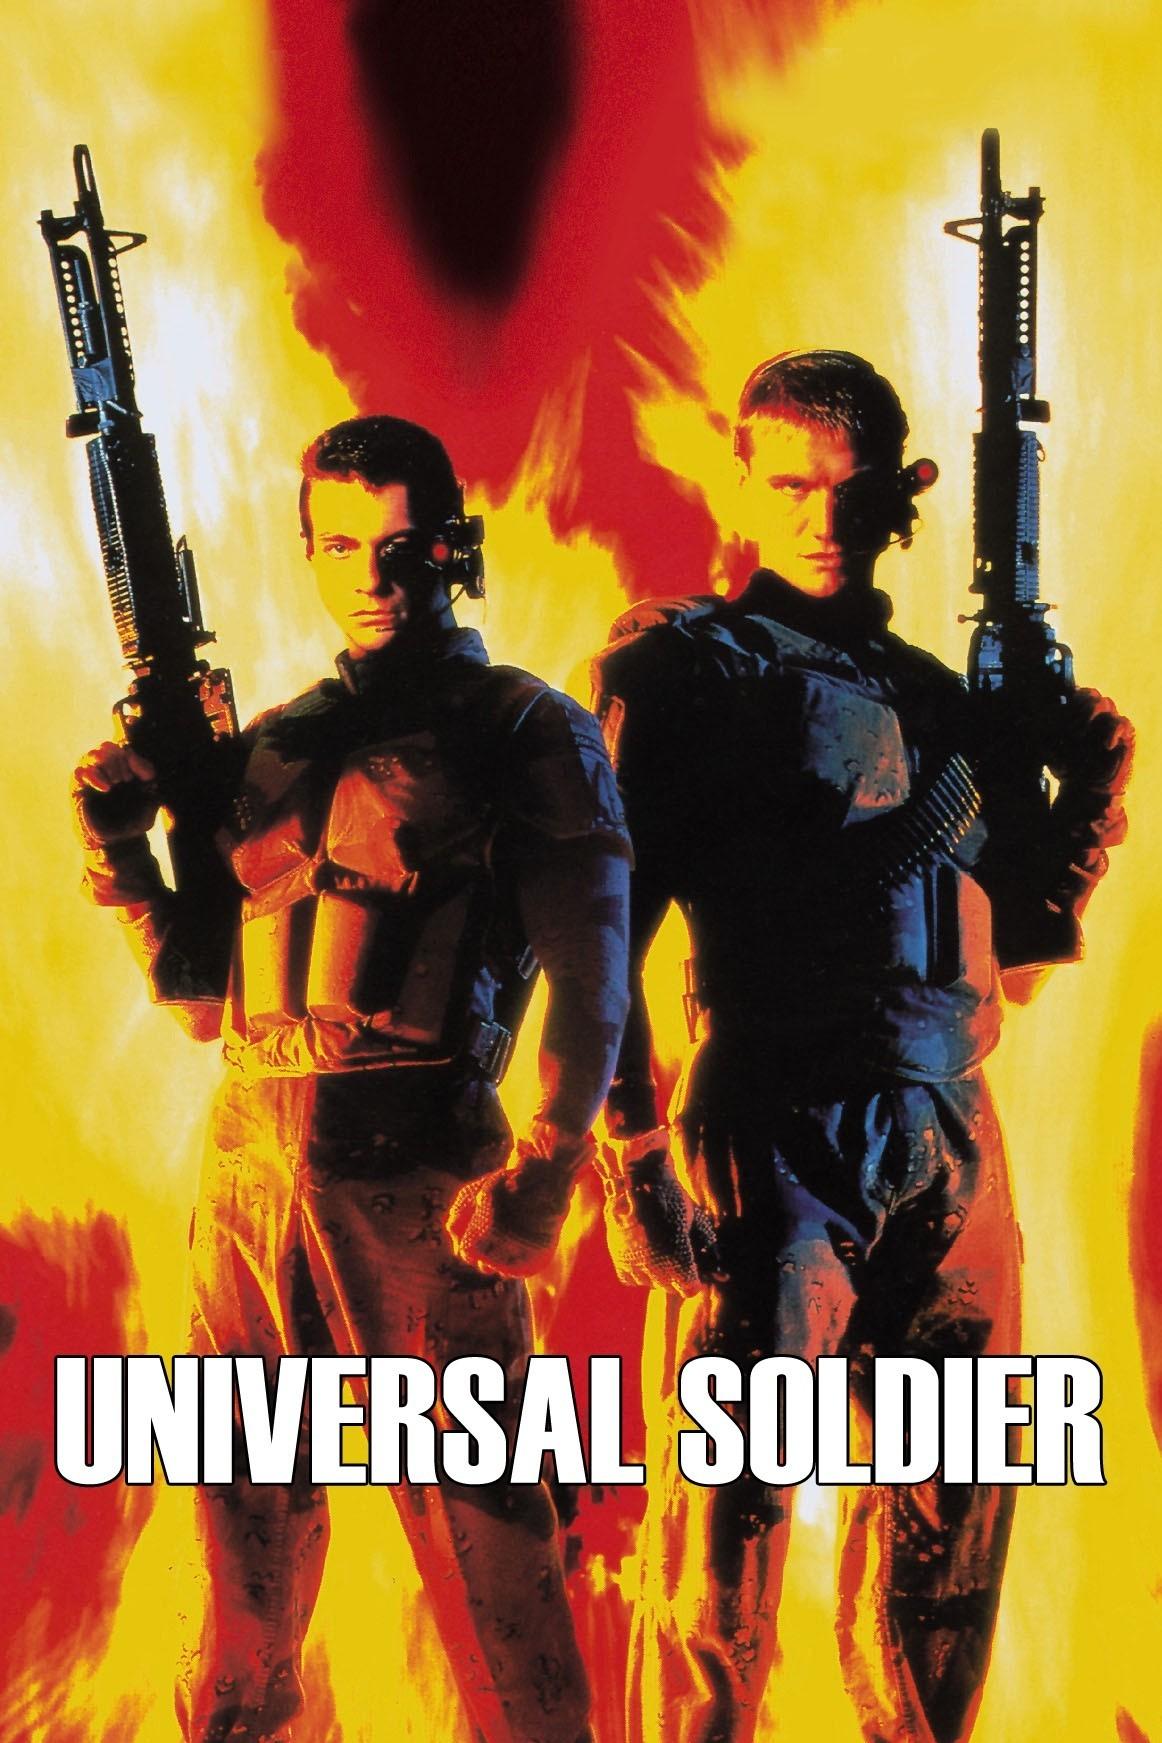 Universal Soldier Filme